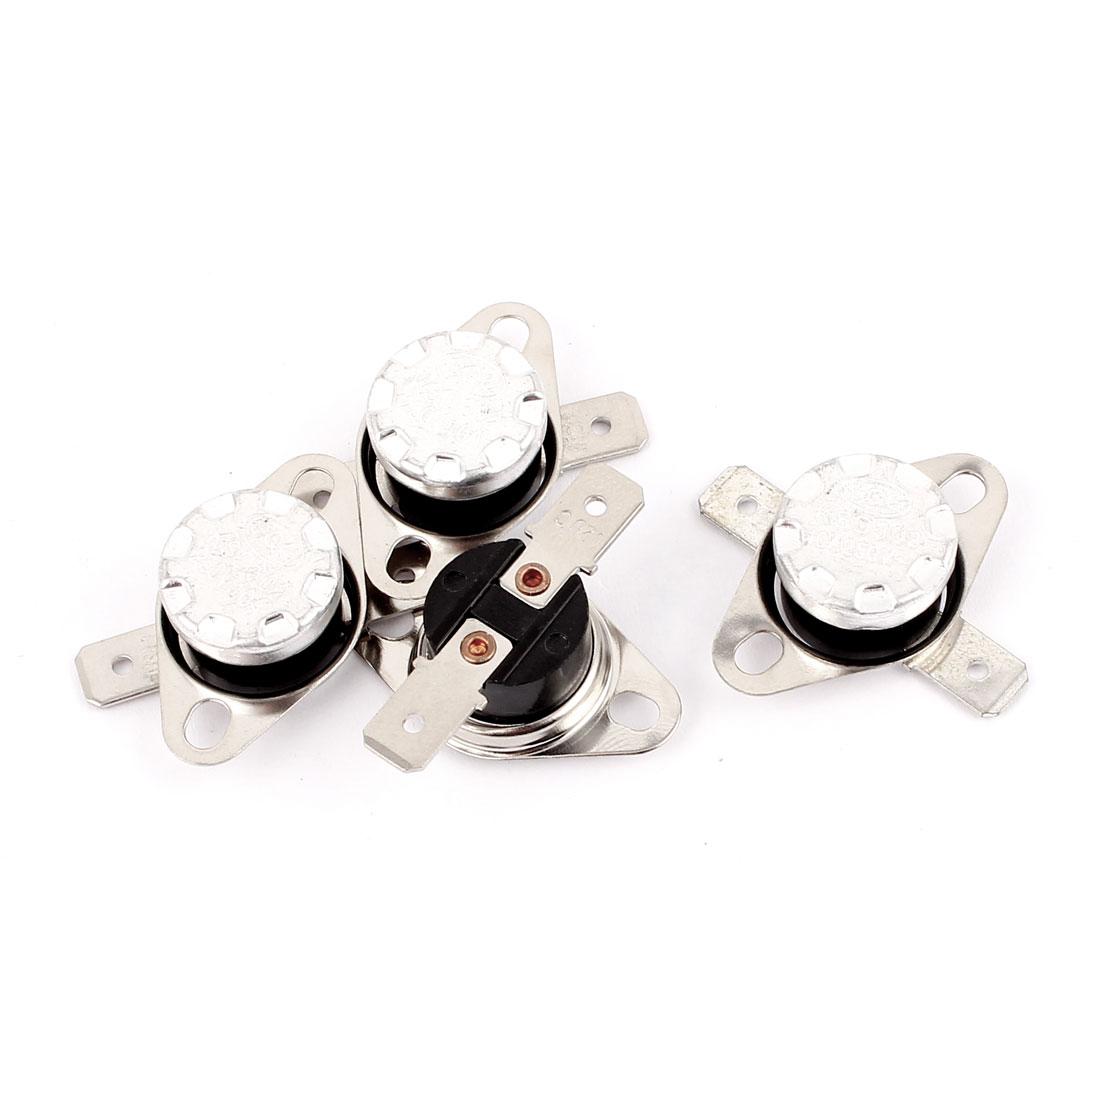 4 Pcs KSD302 Temperature Control Switch Thermostats 250VAC 10A 120 Celsius N.C.